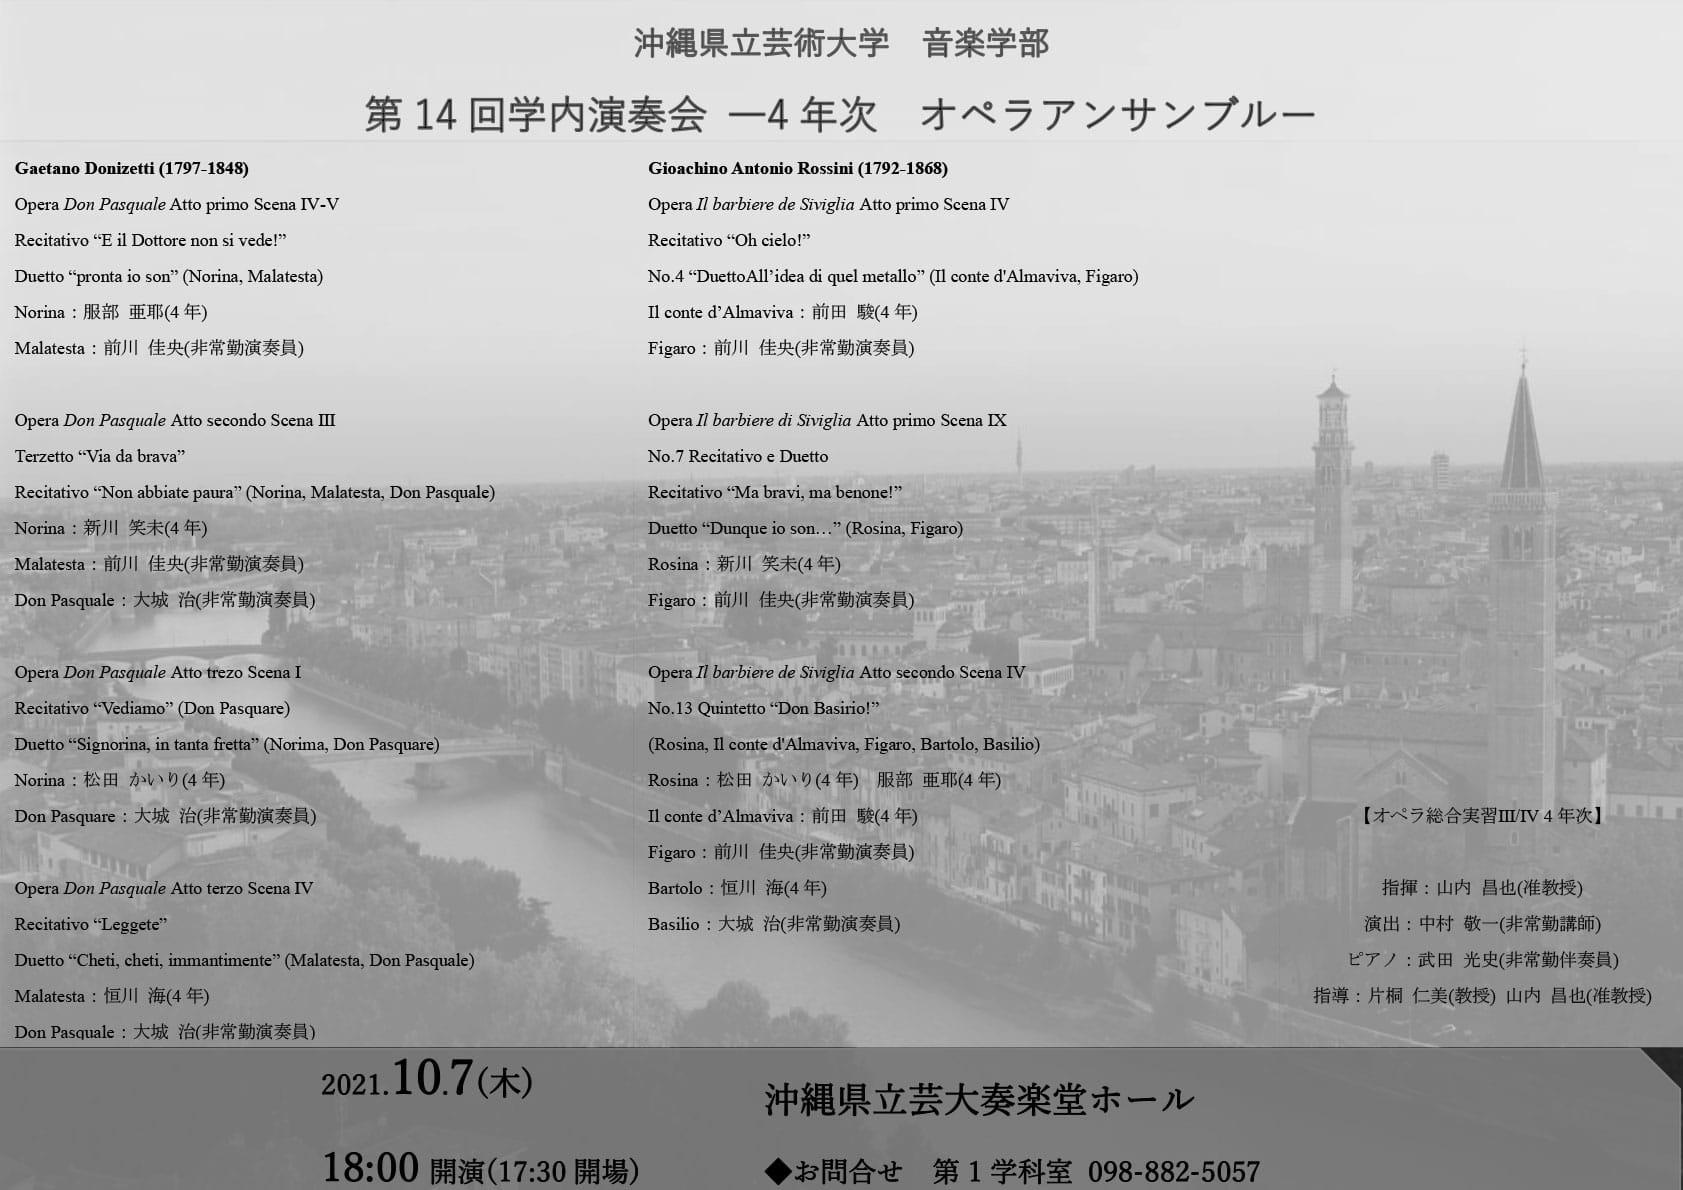 [フライヤー]第14回学内演奏会 ―4年次オペラアンサンブル―